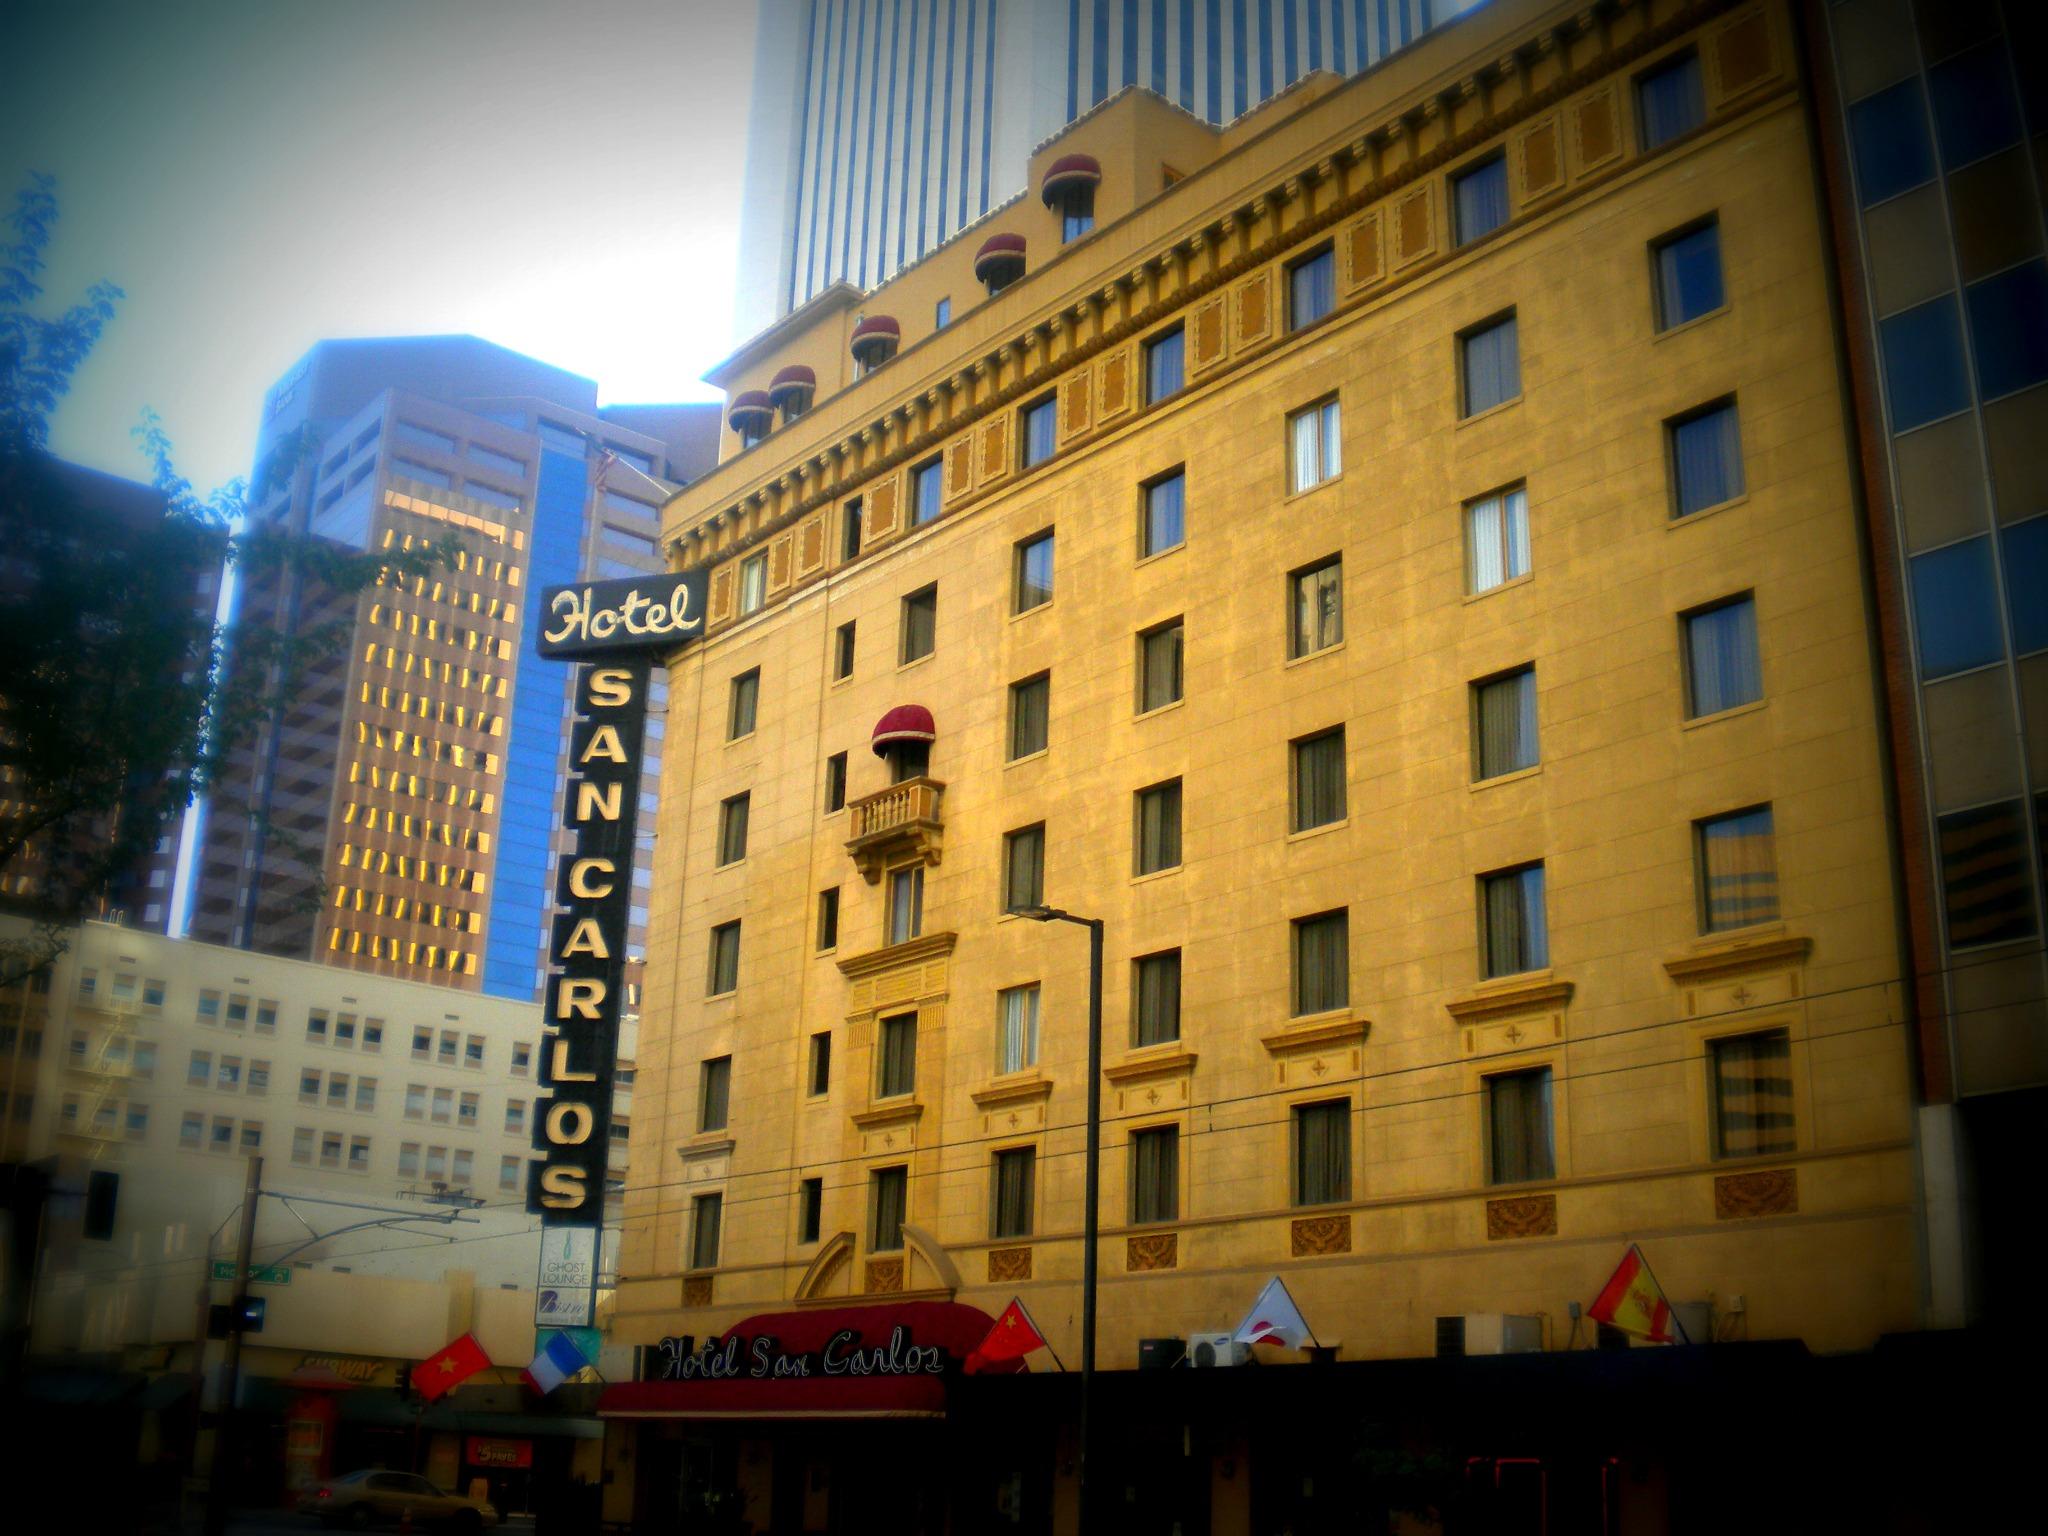 Отель самоубийц, чикагская улица привидений и еще 3 локальных истории о призраках